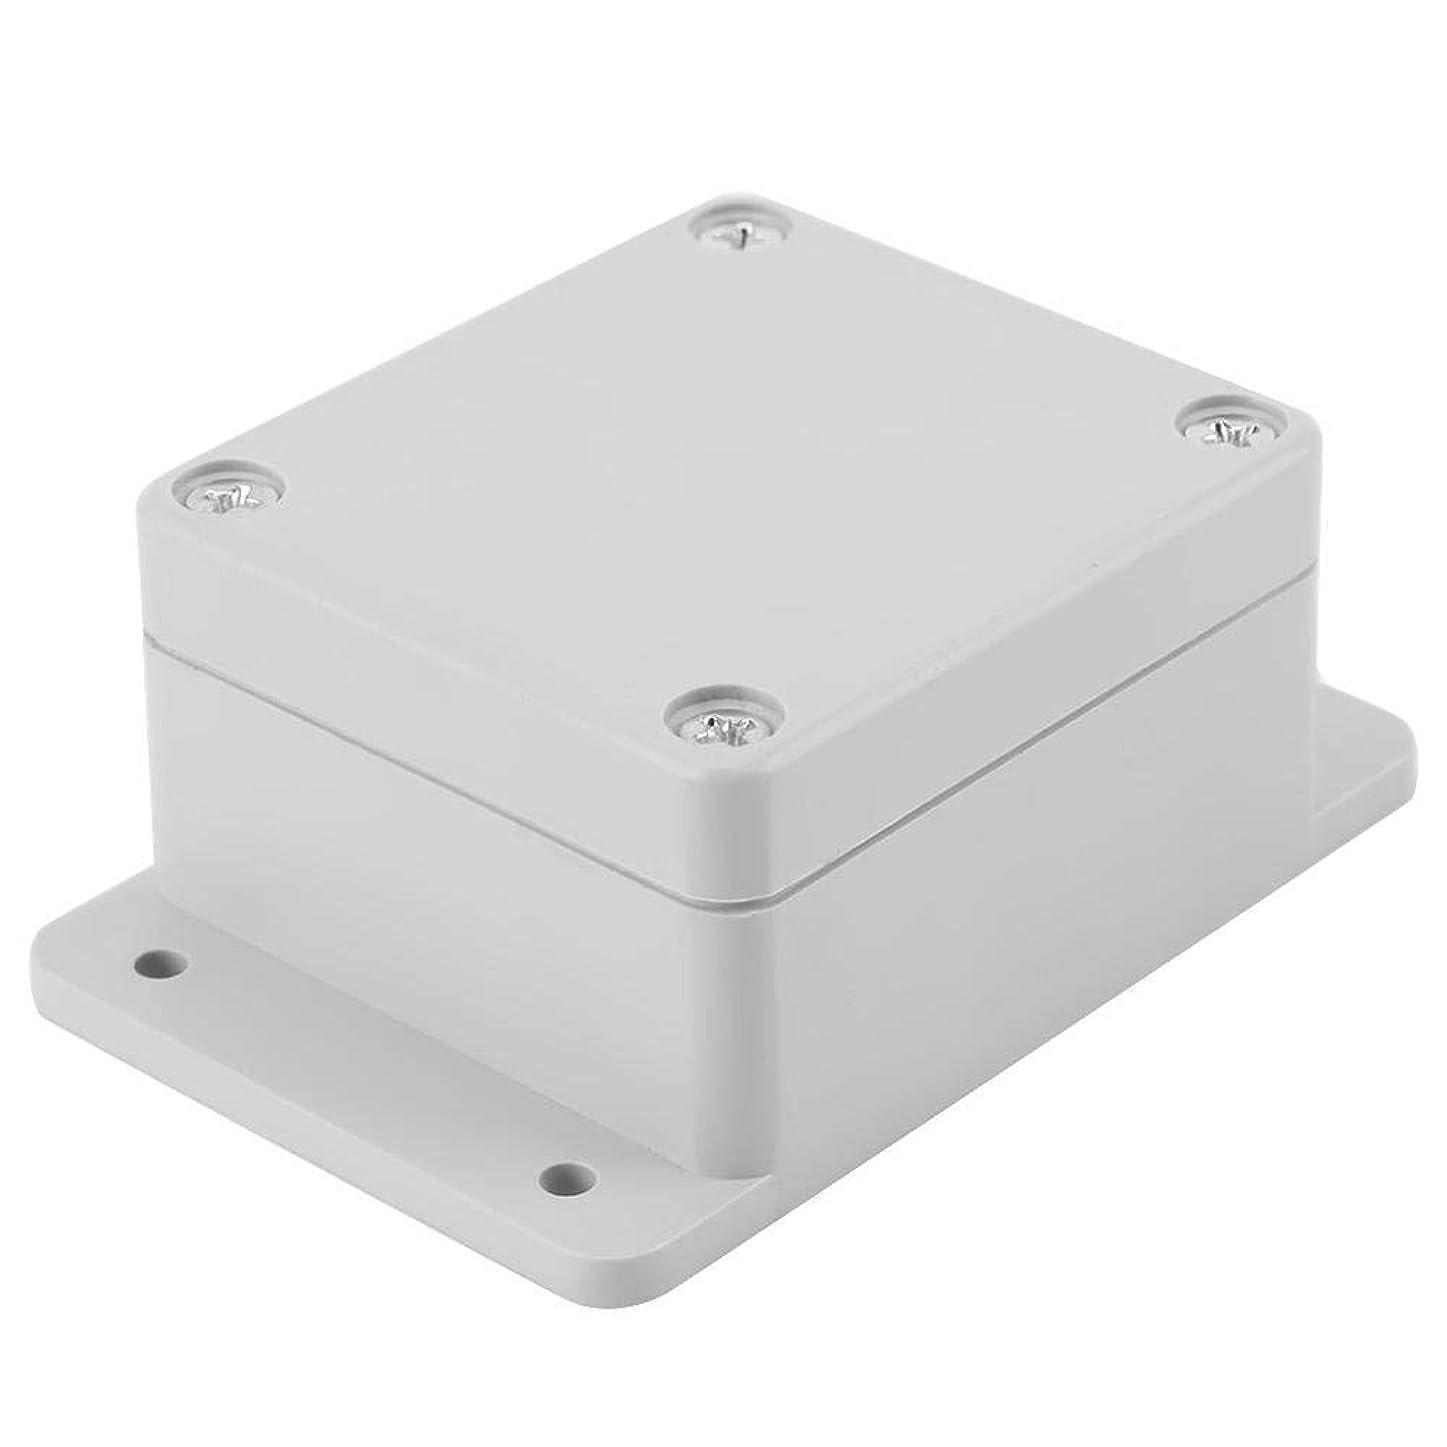 消化器配管工層ジャンクションボックス、耐水性IP65 ABS電気プロジェクトボックスエンクロージャーインスツルメントケース(158*90*60mm)